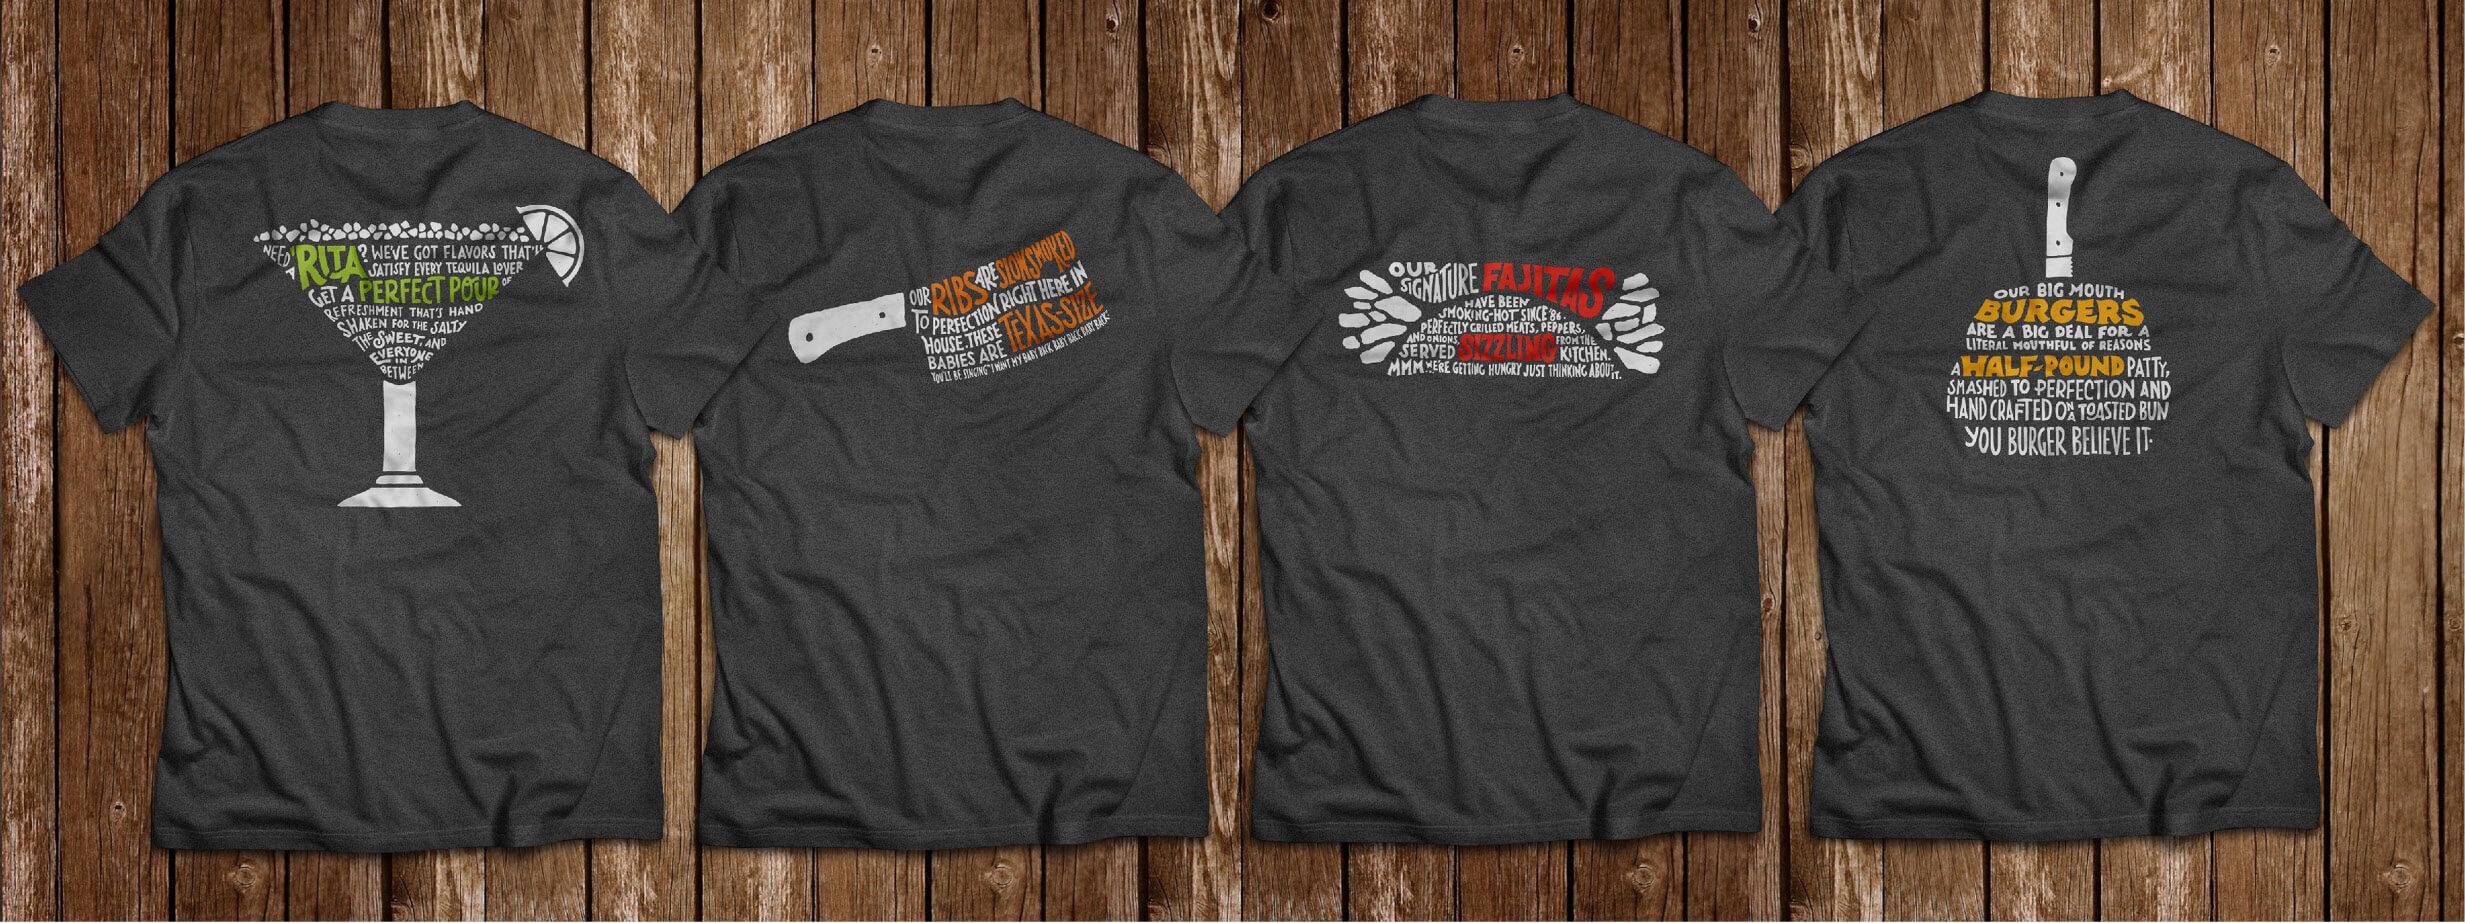 Chili's crew shirts